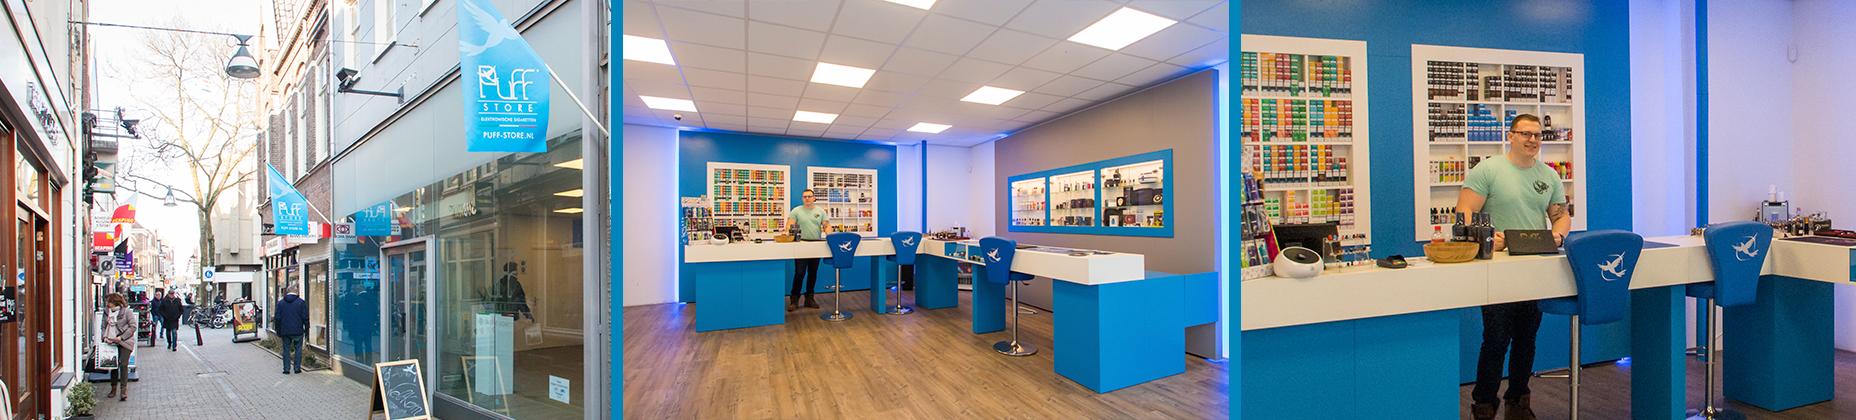 Puff Store Zwolle header